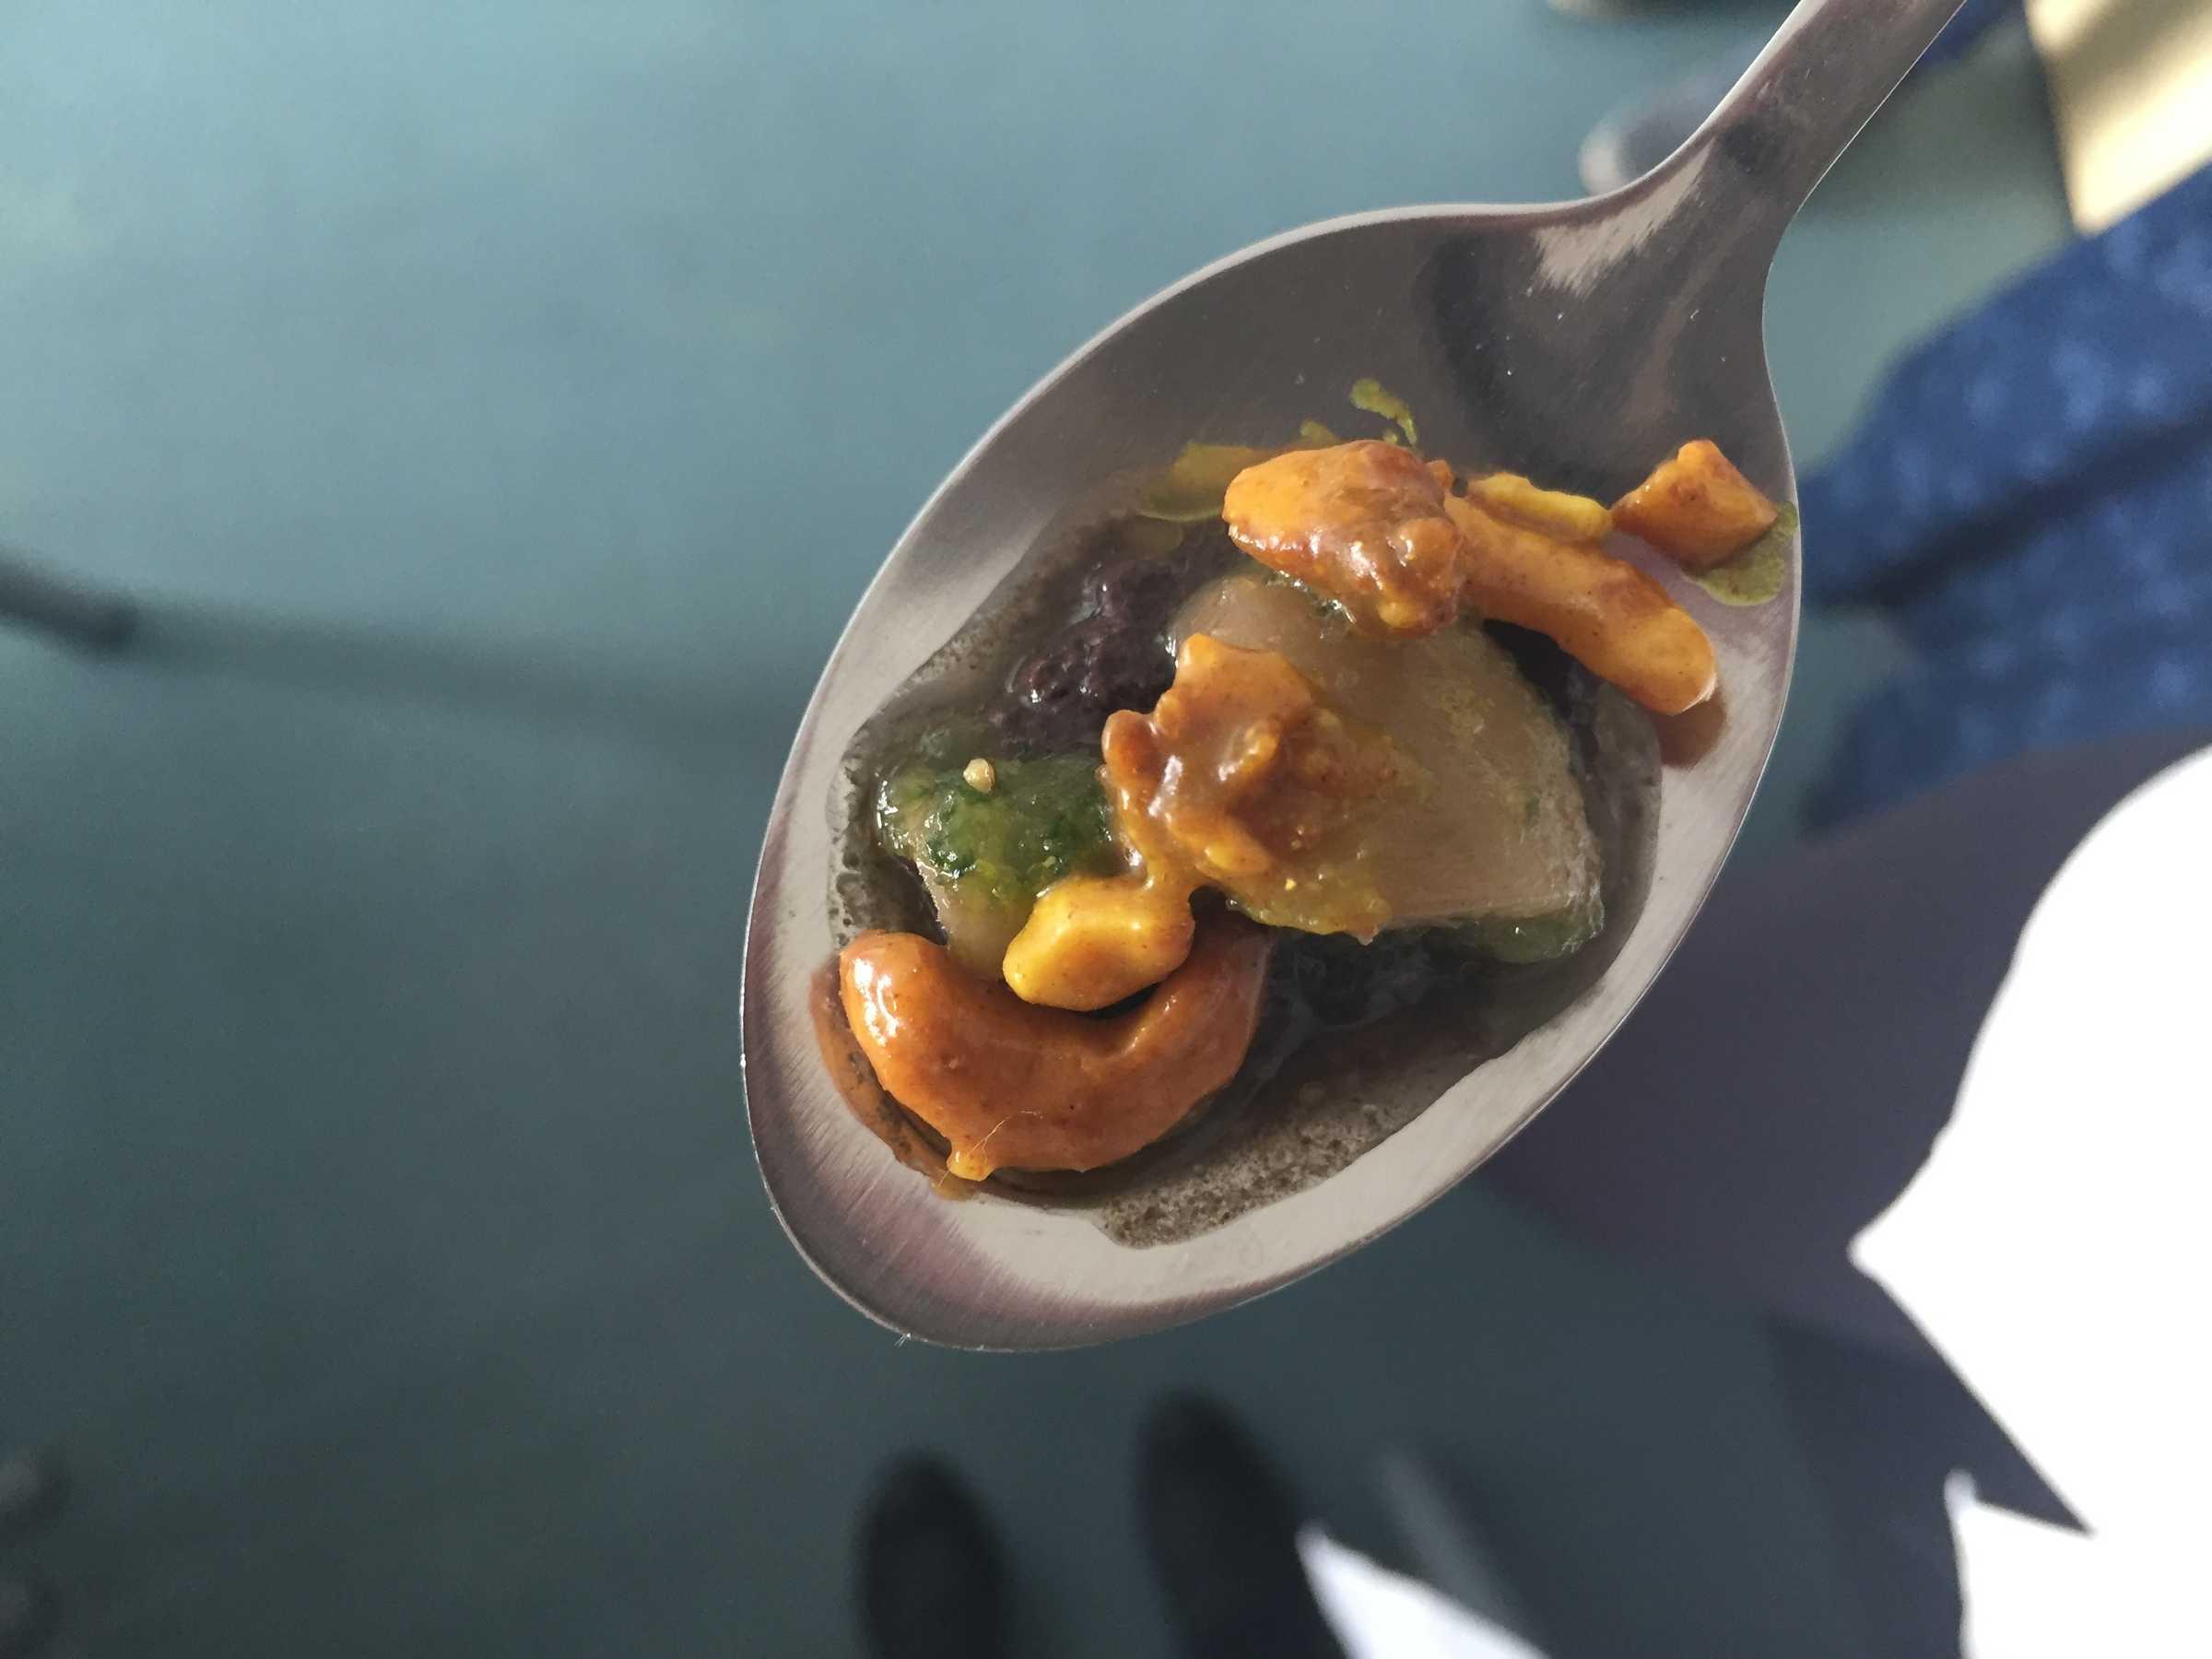 Ein Löffel mit Champignons, Olivenpaste und Cashewkernen.